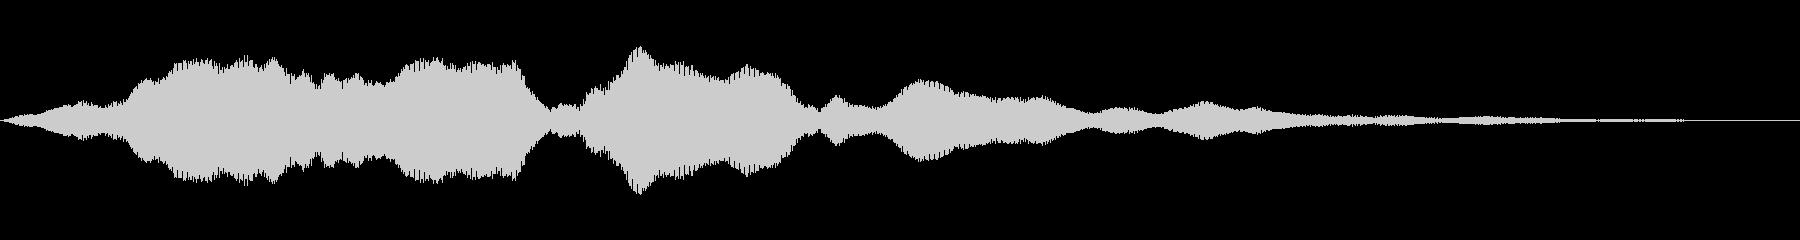 非常に低い周波数のゴロゴロ音:水中...の未再生の波形